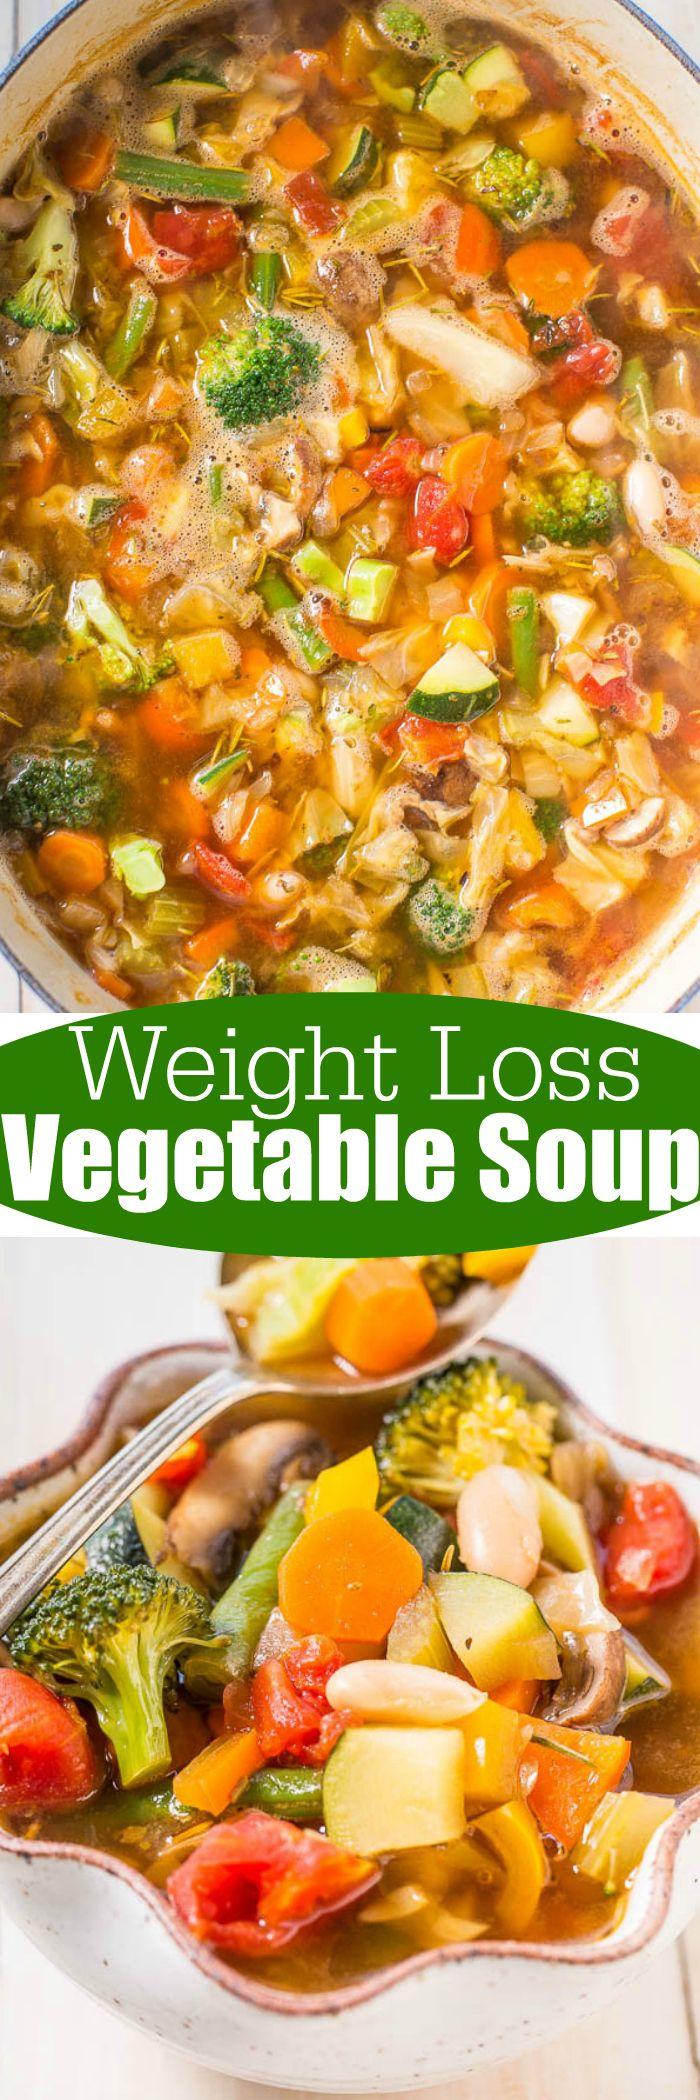 La pérdida de peso sopa de verduras - Tratando de arrojar algunas libras o más saludable?  Pruebe esta sopa fácil, sabrosa que está listo en 30 minutos y cargado con verduras !!  Muy abundante y abundante!  Cero puntos WW inteligentes !!